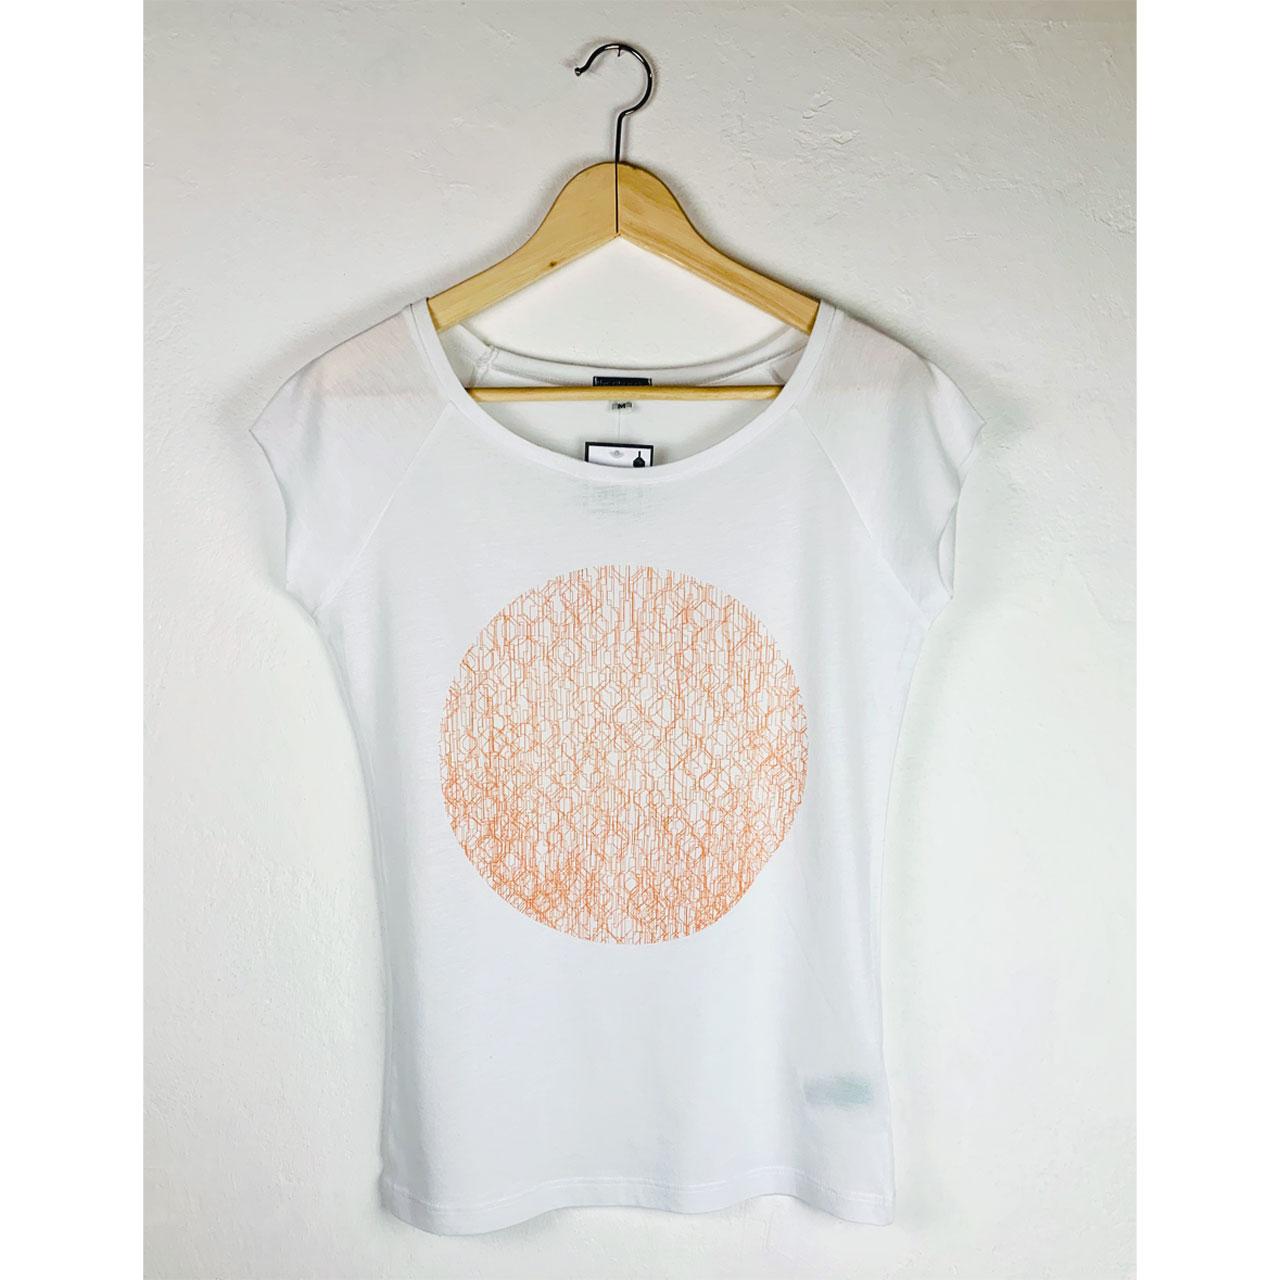 Berlin Design T-Shirt Fernsehturm Kreis nude